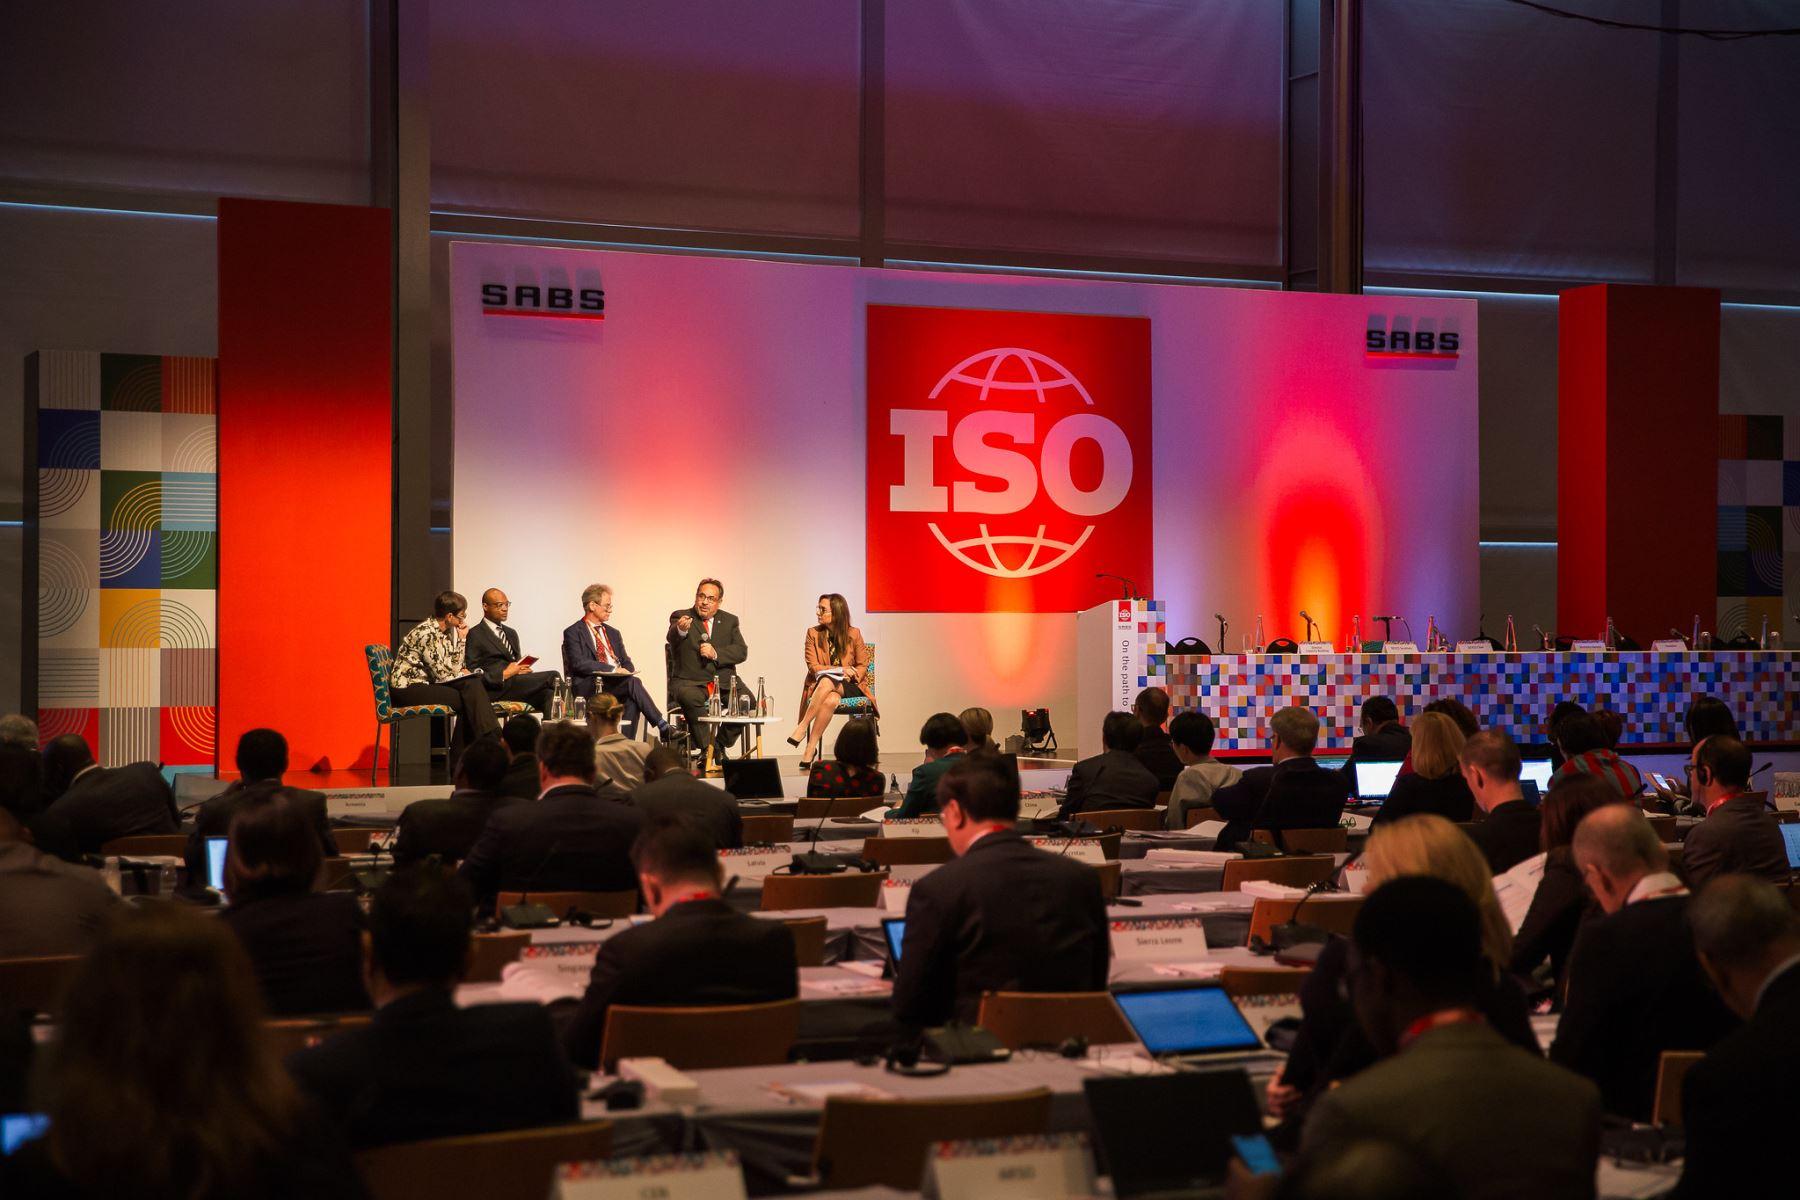 Asamblea General de la ISO en Sudáfrica. Foto: Cortesía.